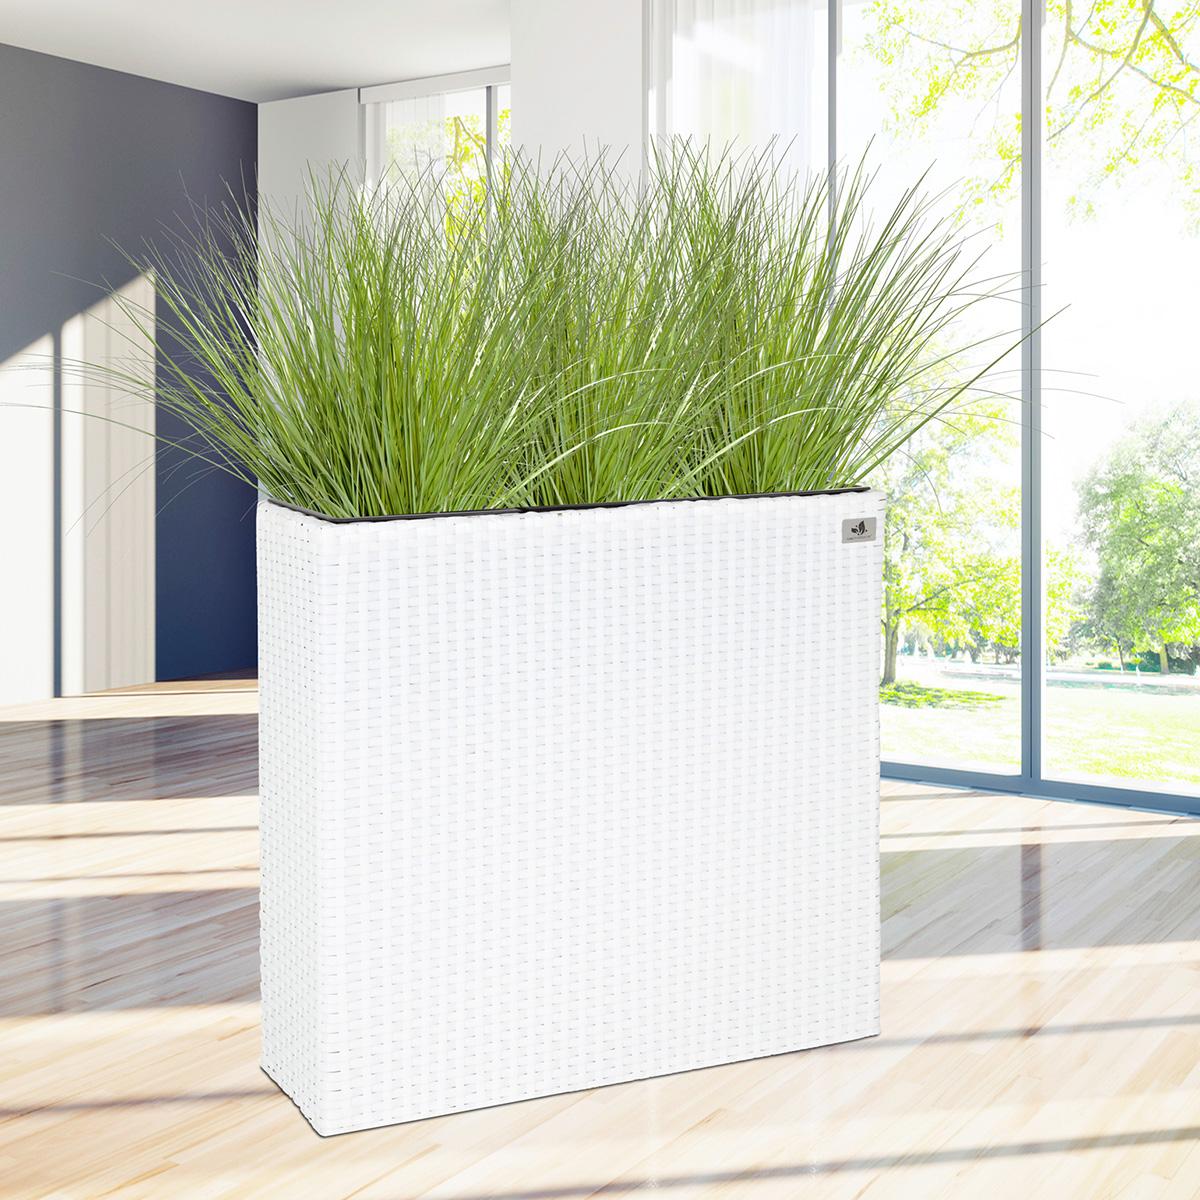 Raumteiler Pflanzkübel Polyrattan 76 x 26 x 73 cm, weiß - Gartenfreude